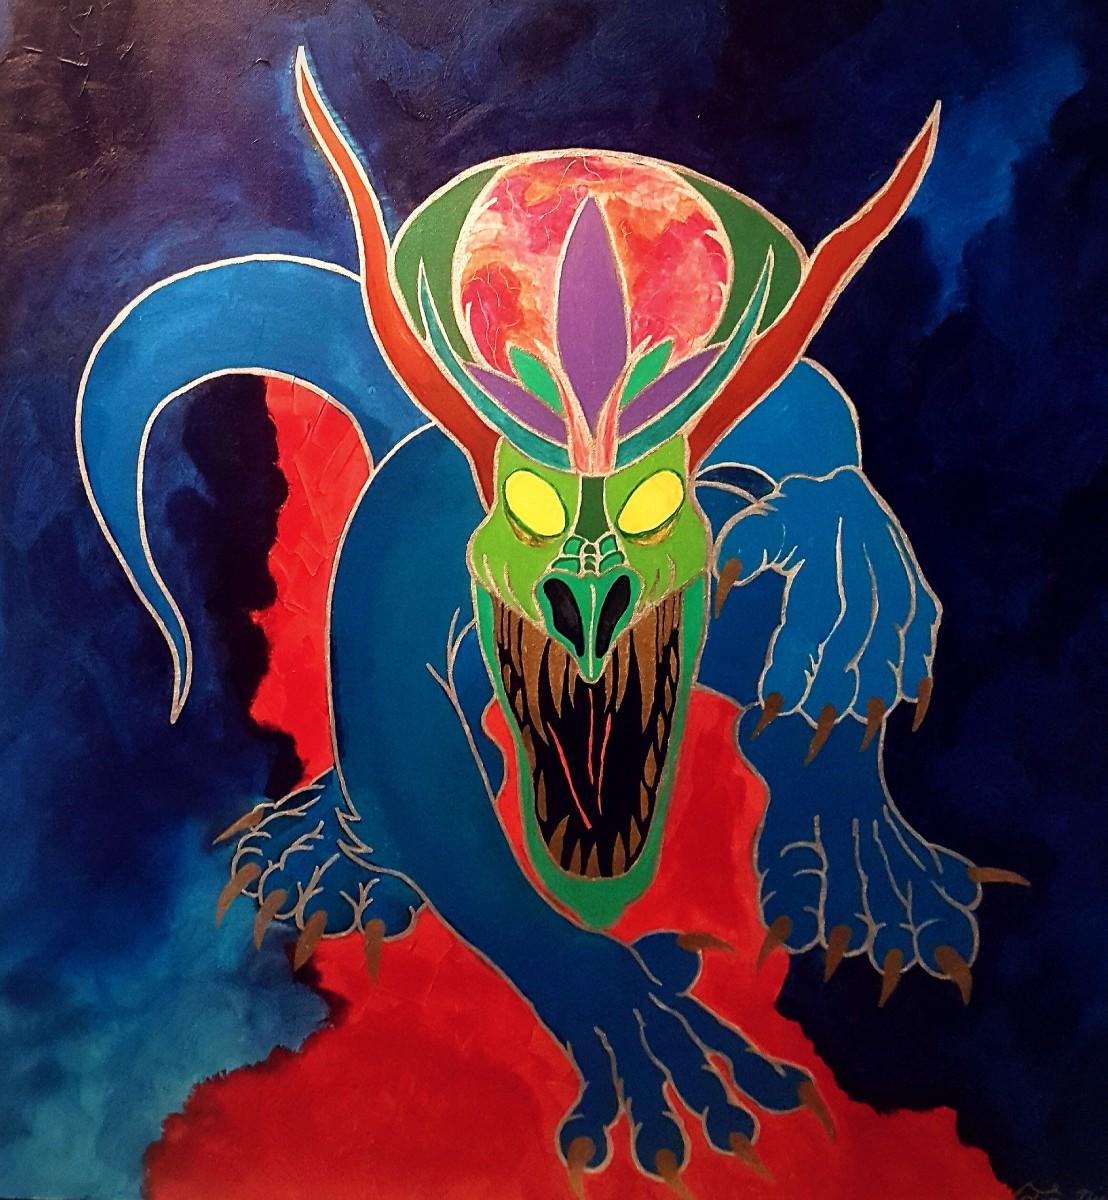 Creature of Doom Tower